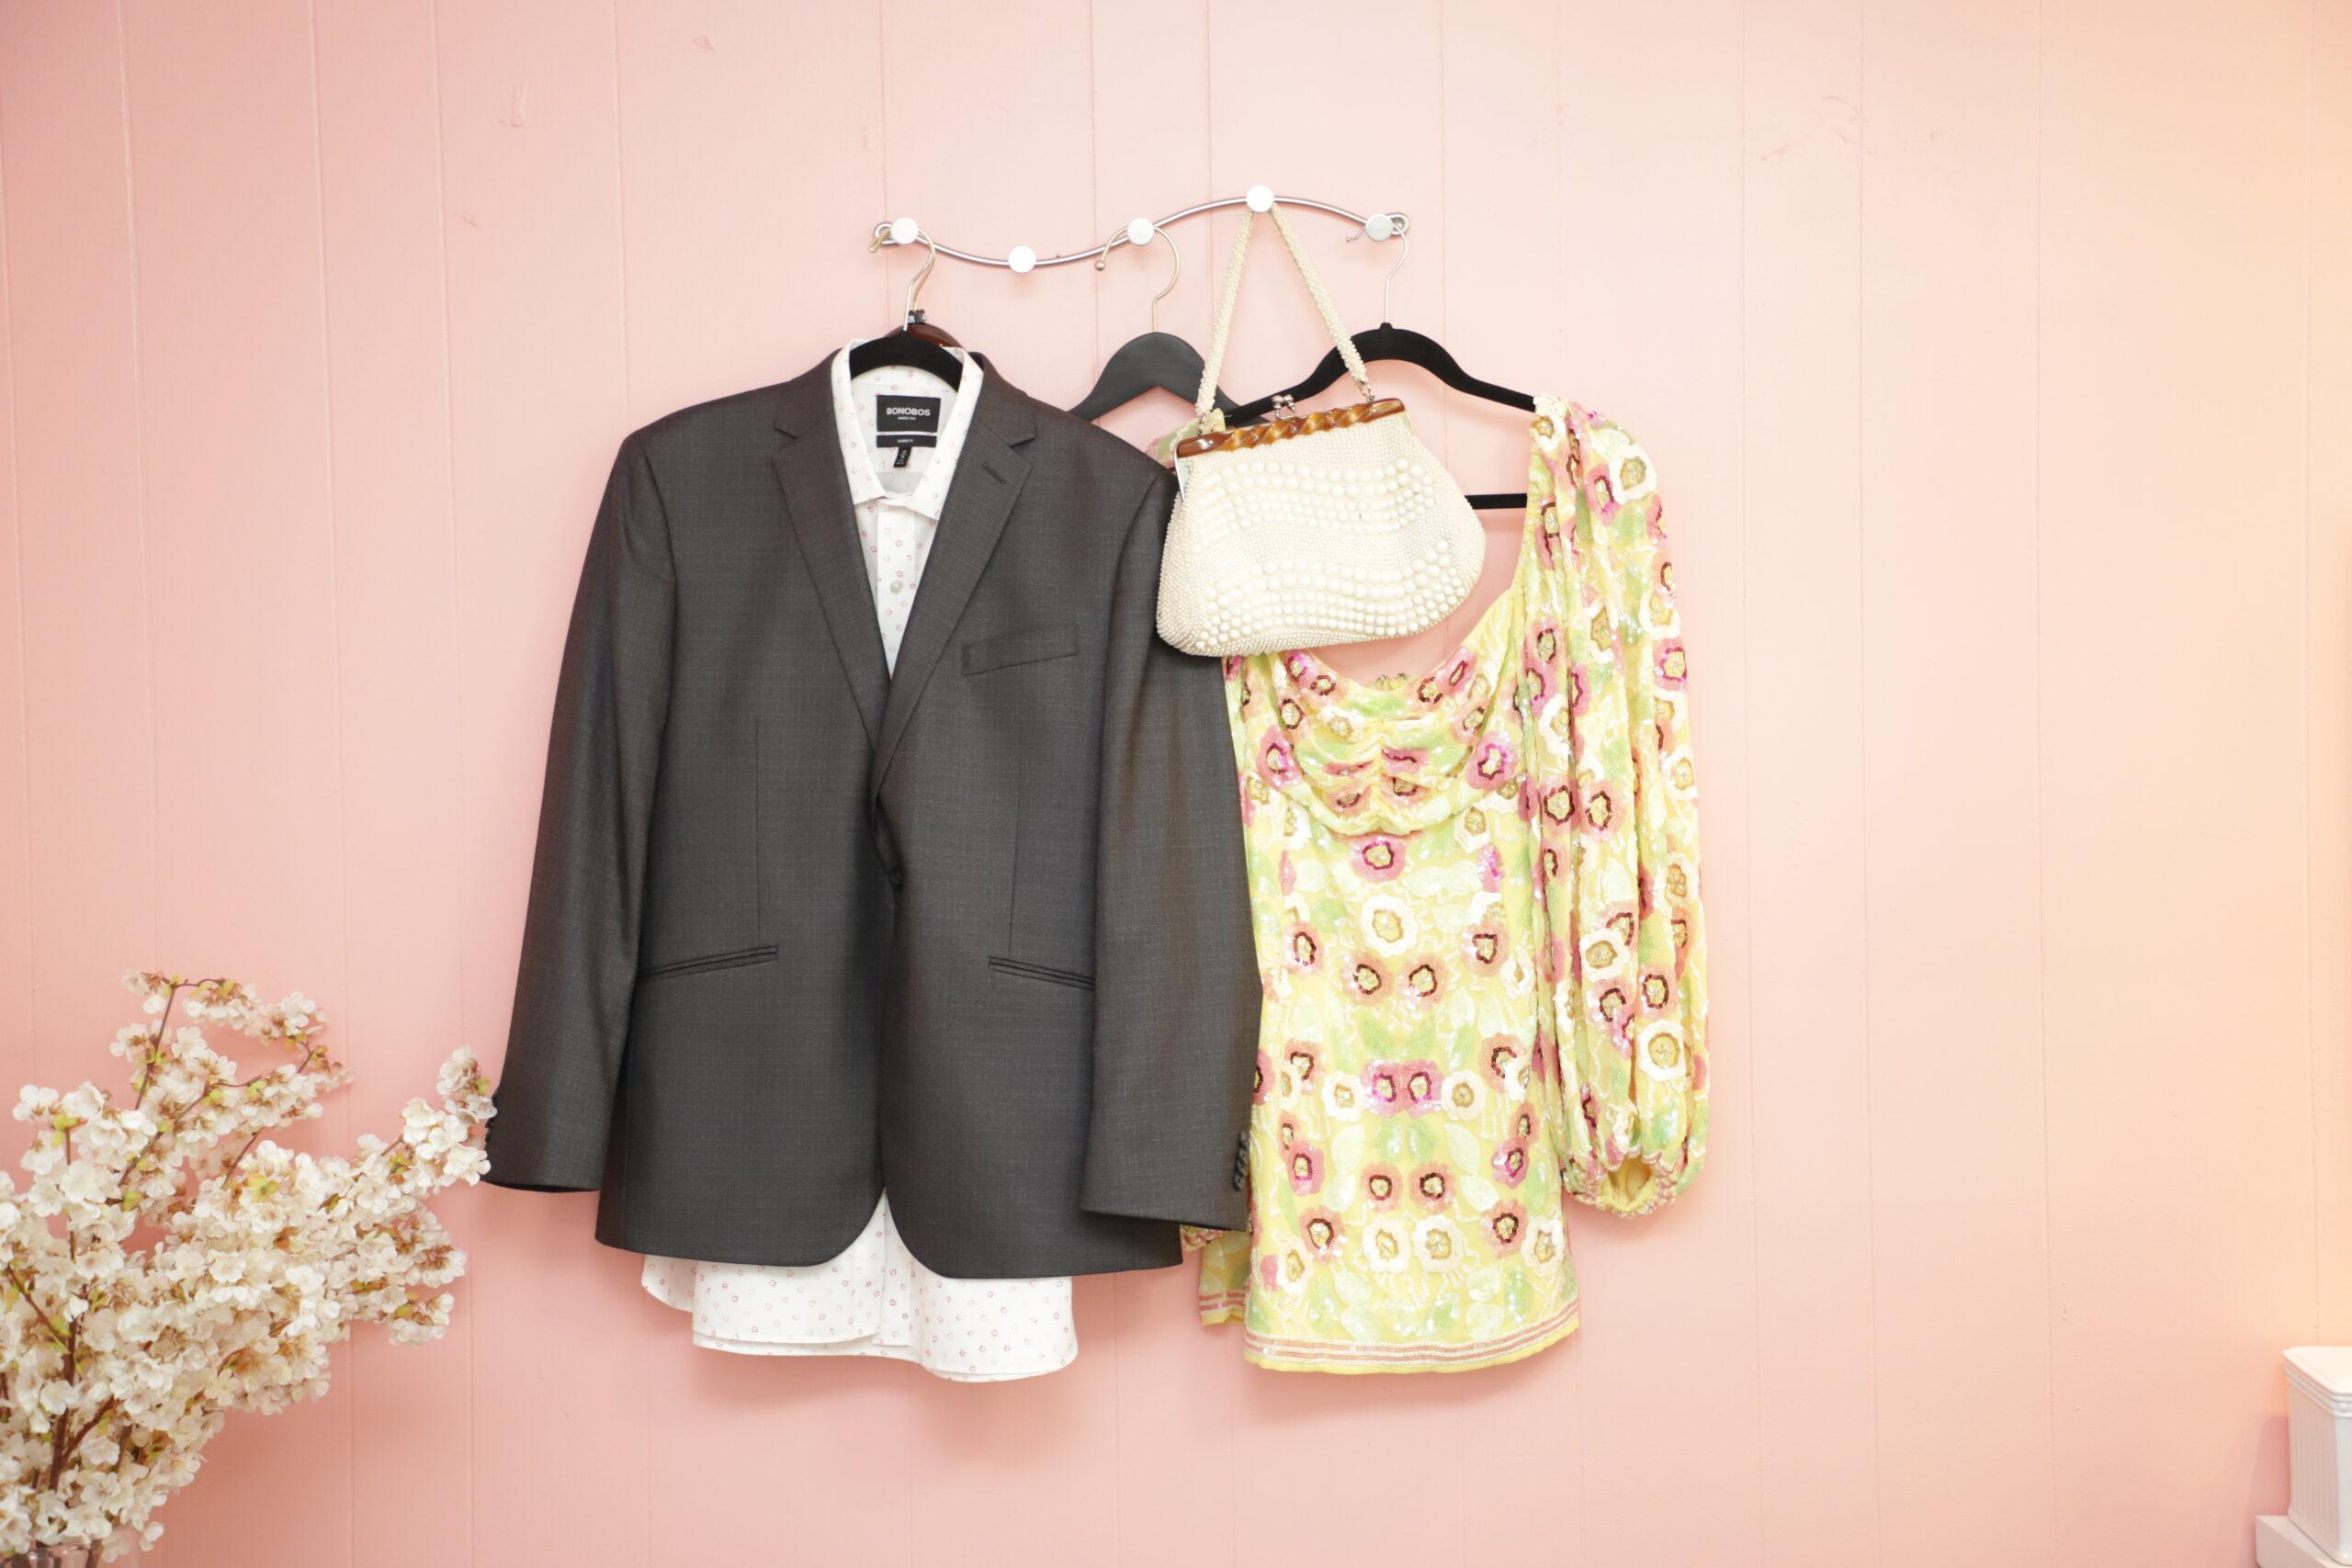 Bridal Suite Tux and Dress